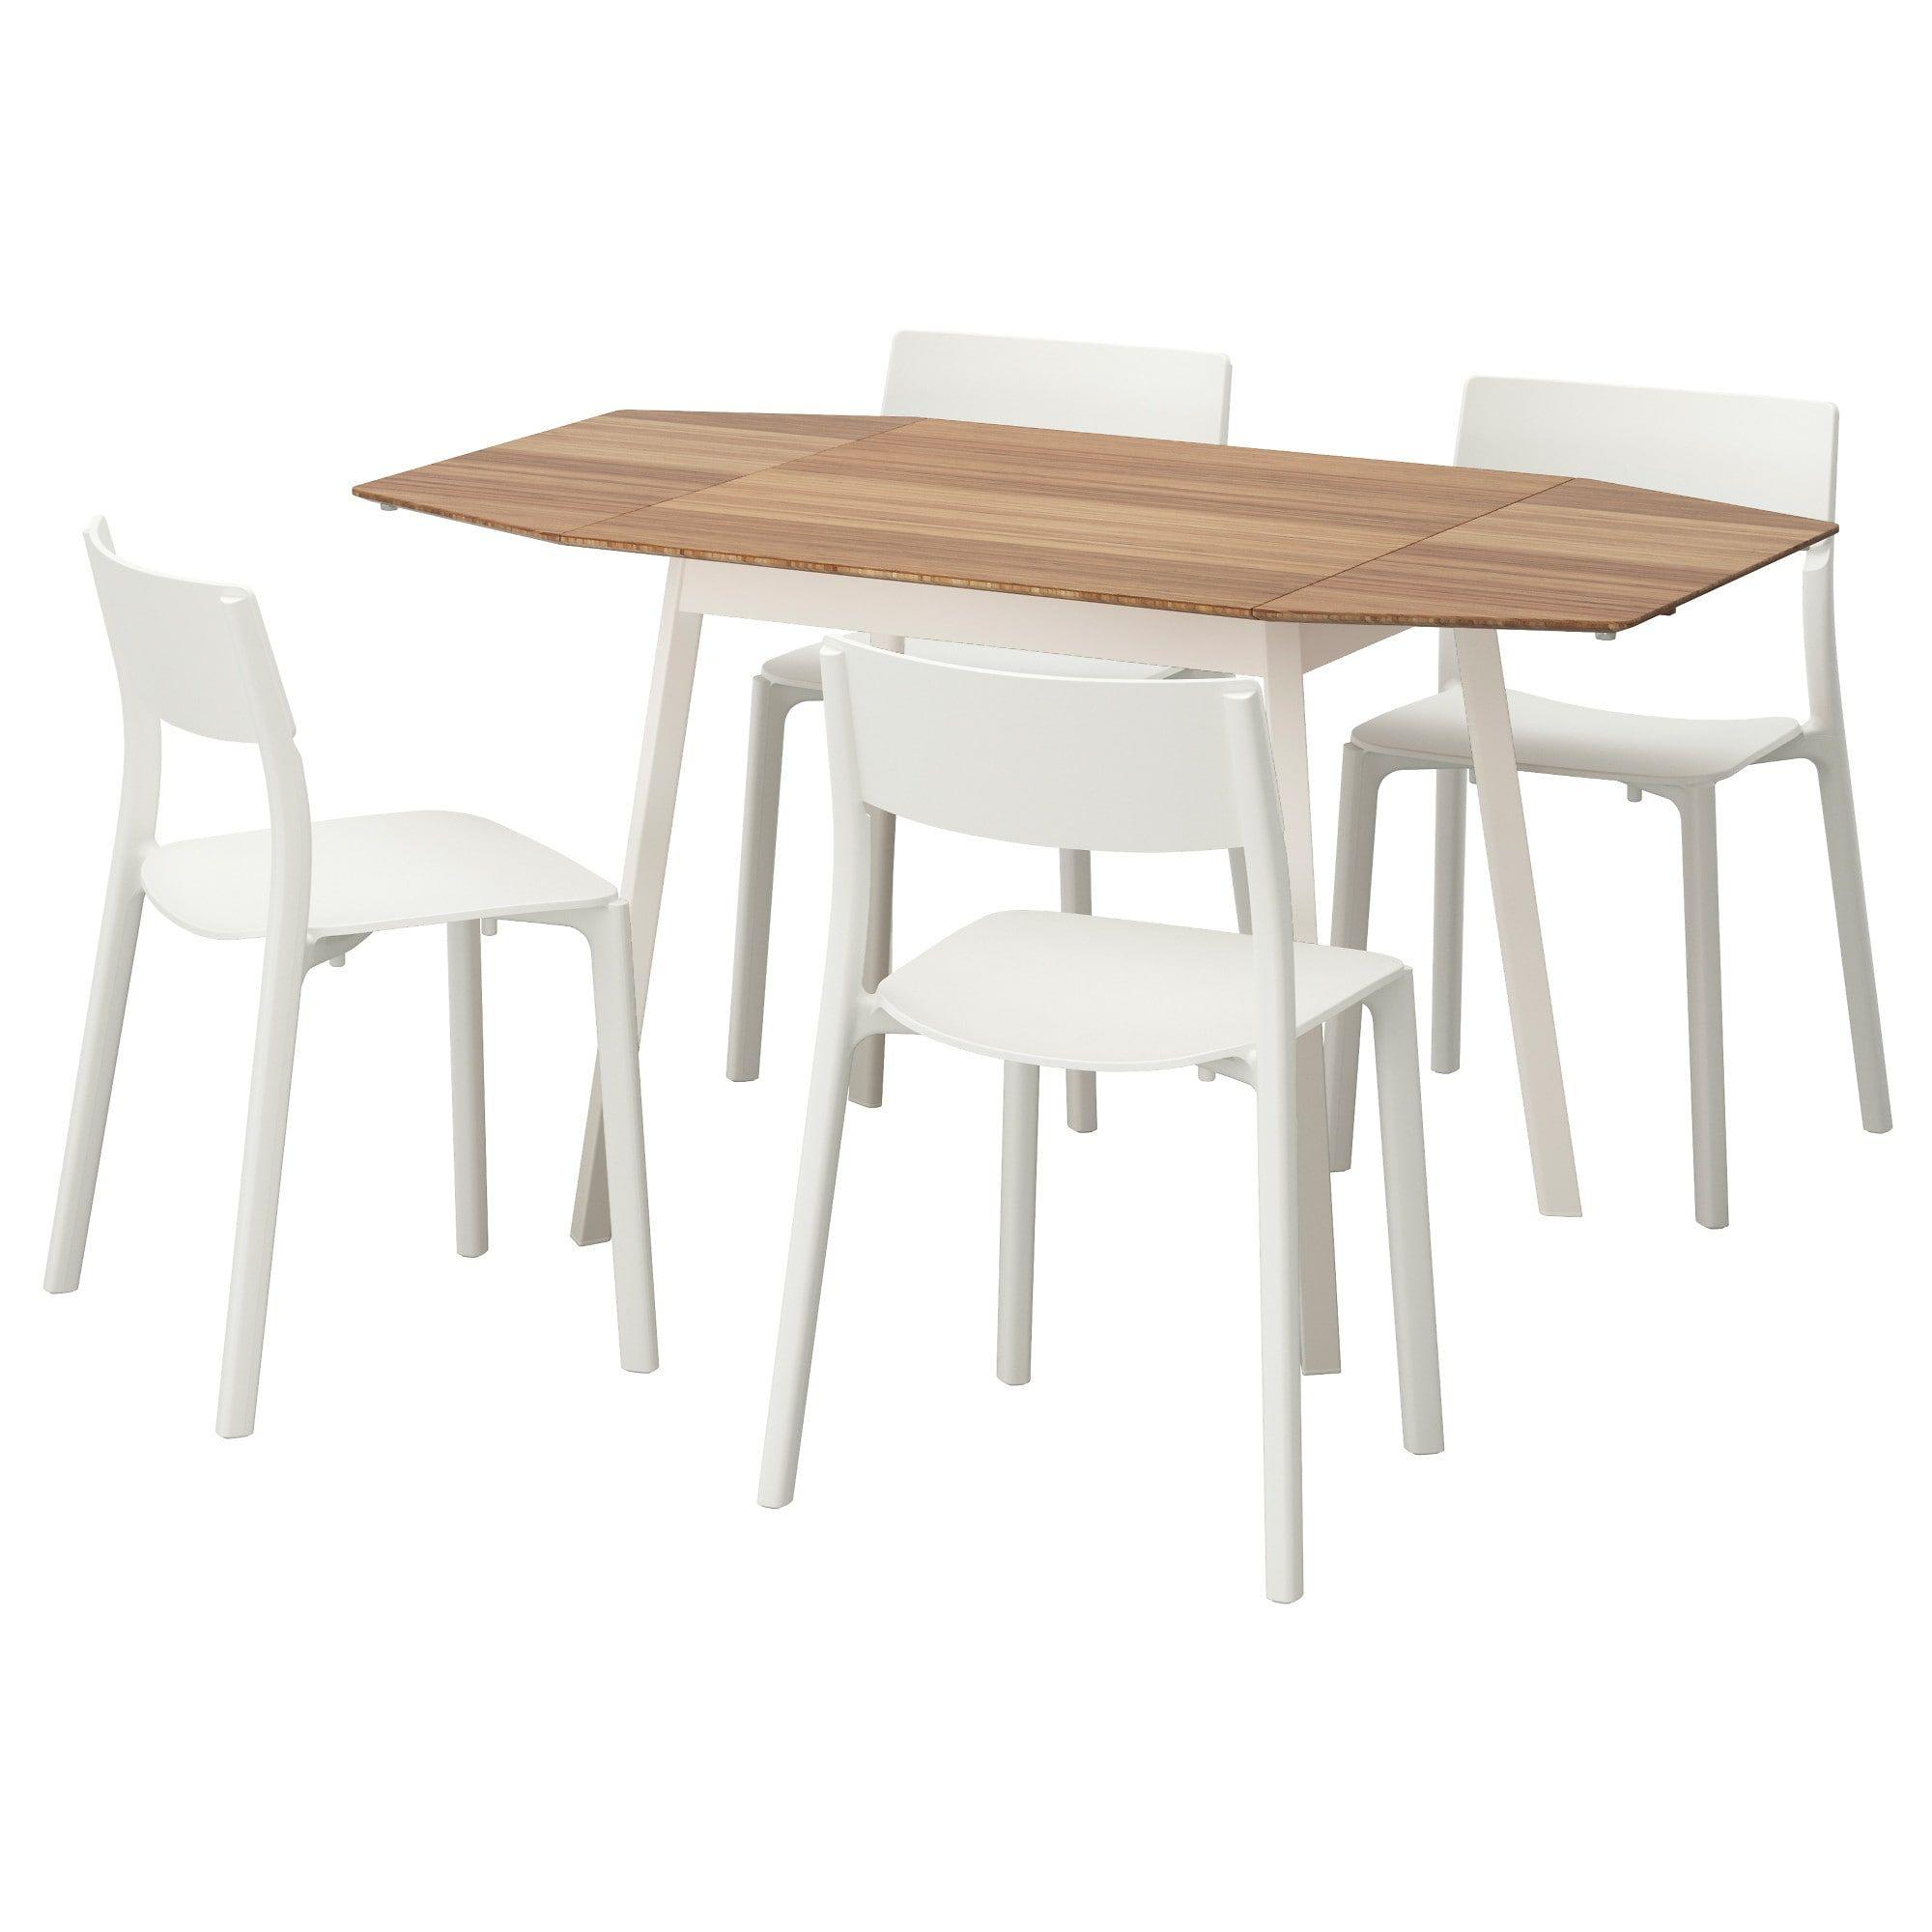 Ps 2012 Janinge Tisch Und 4 Stuhle Bambus Weiss Ikea